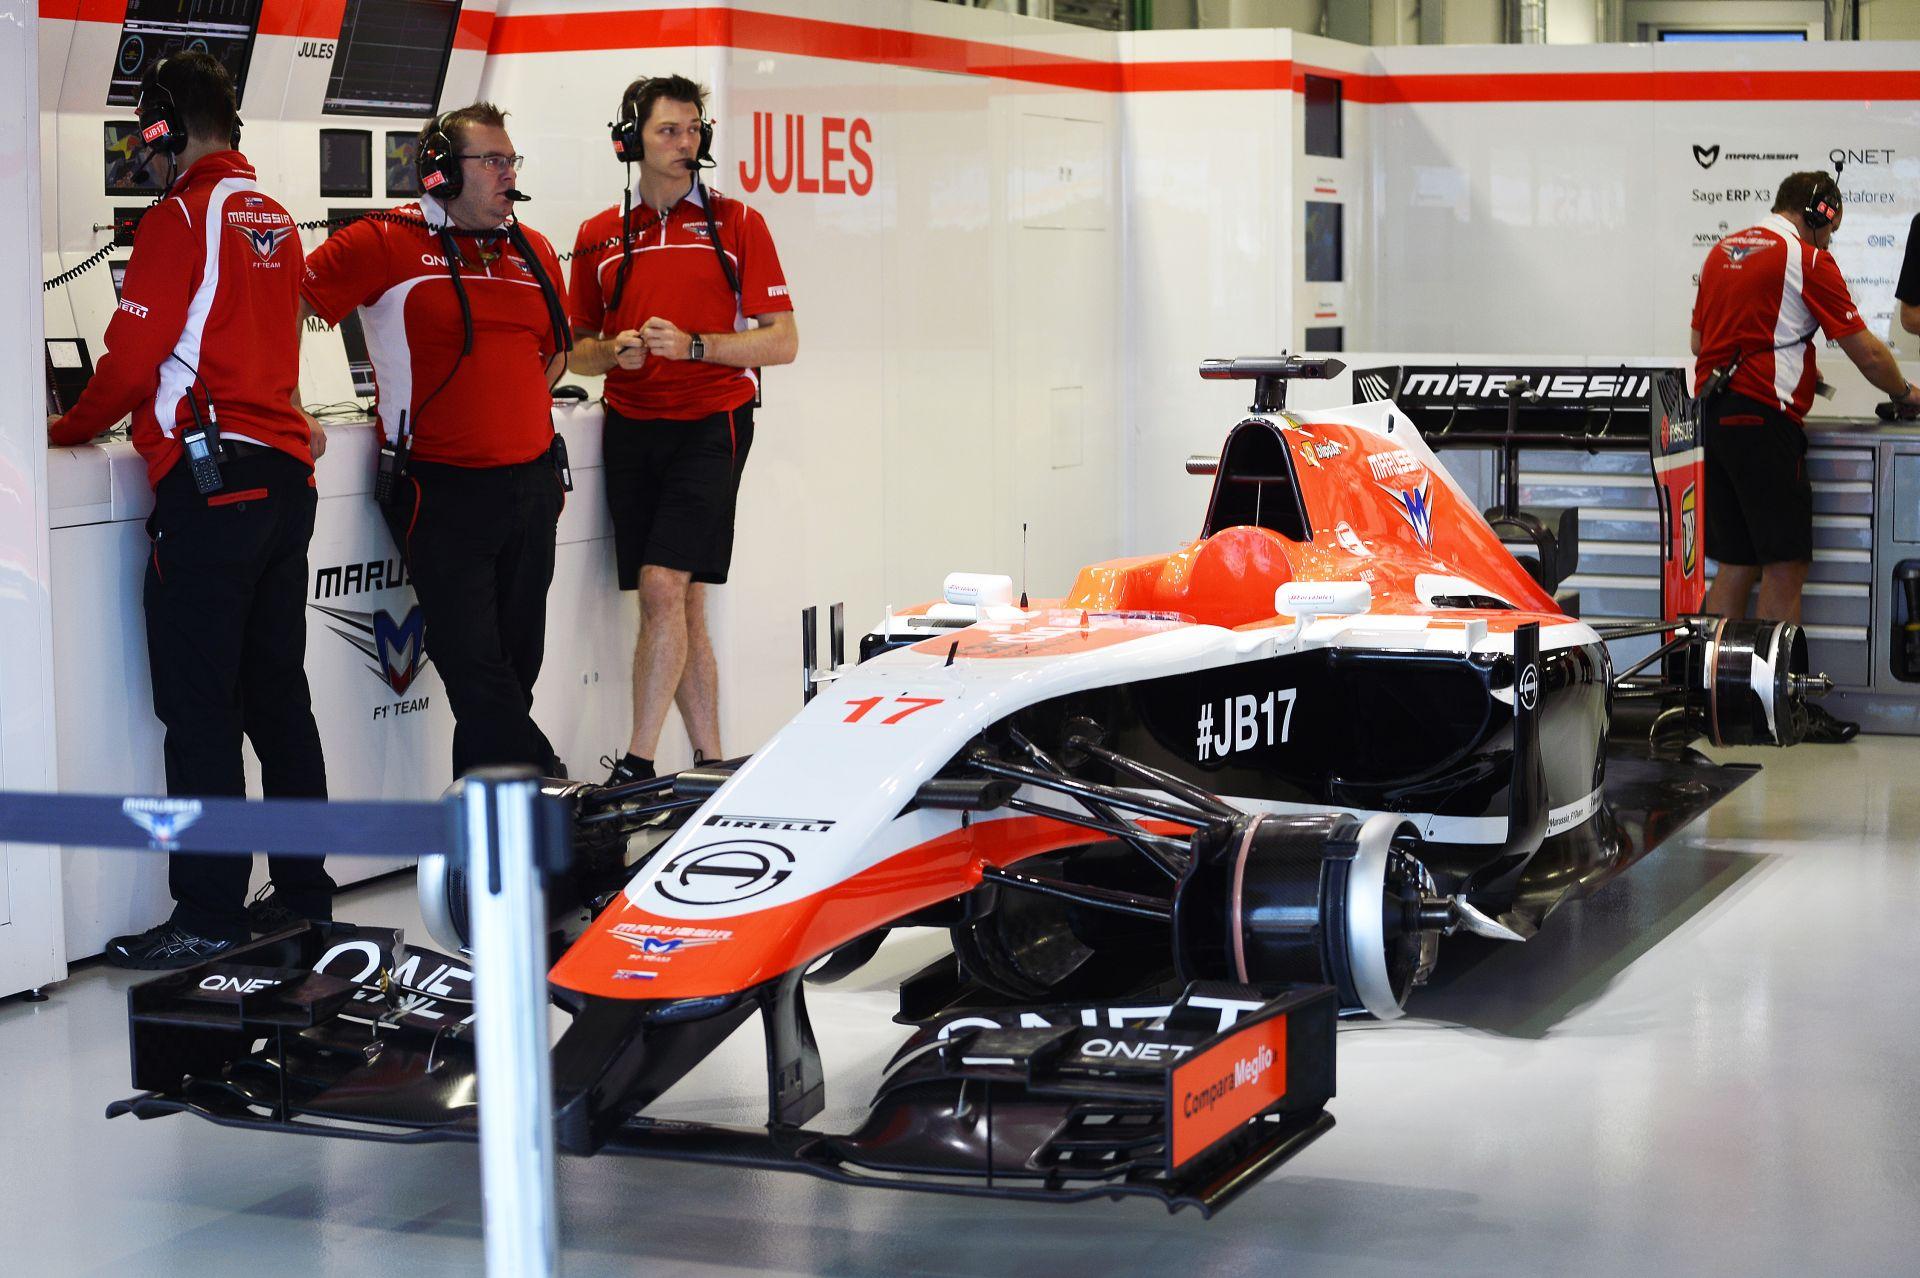 Egy abszurd ötlet az F1-ben: A Marussia a harmadik versenyen térne vissza Kínában